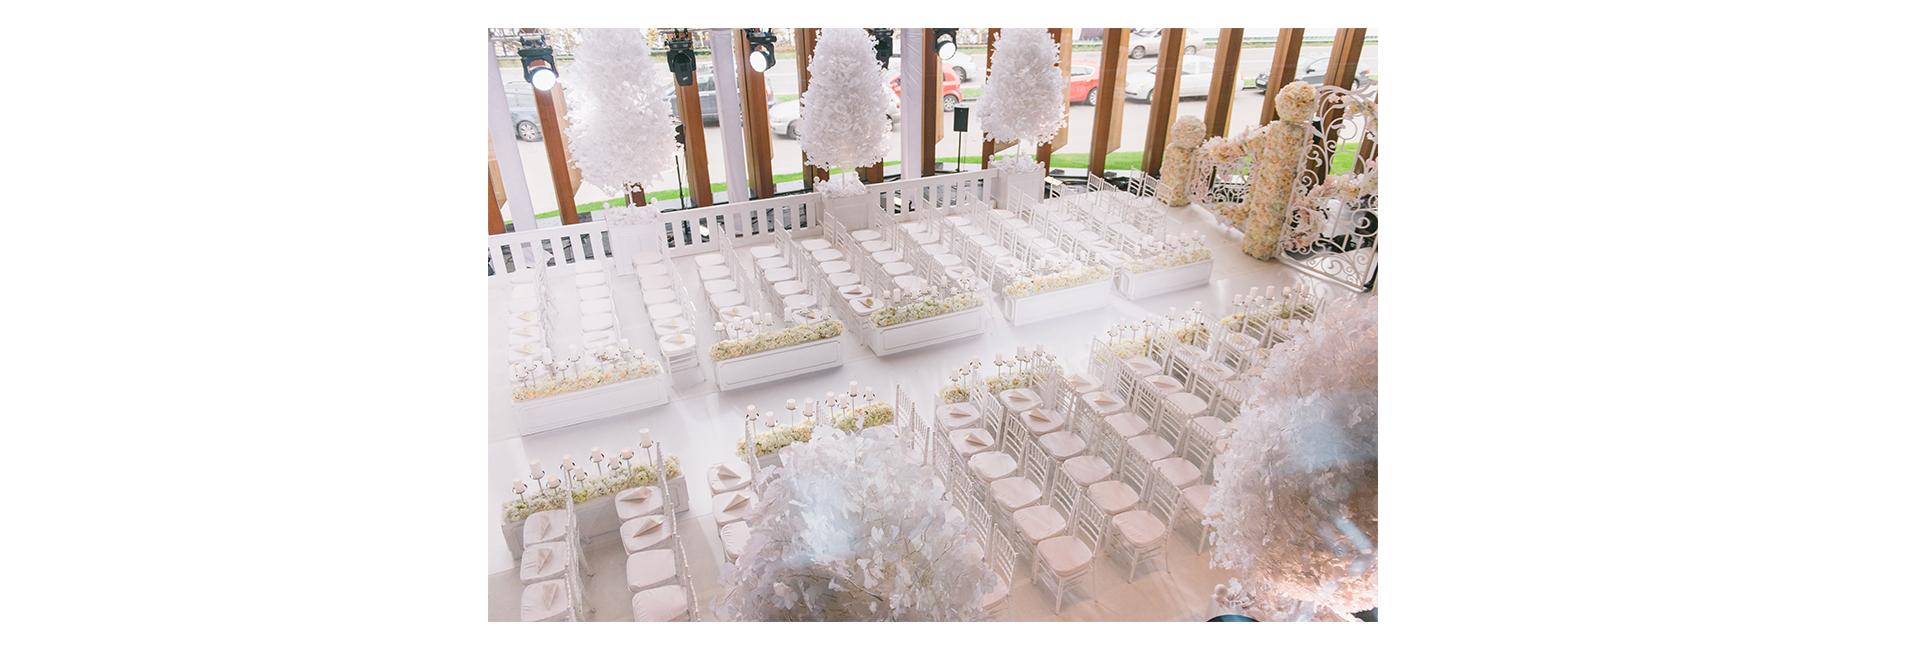 Свадьба мечты: плюсы, минусы и подводные камни (фото 2)